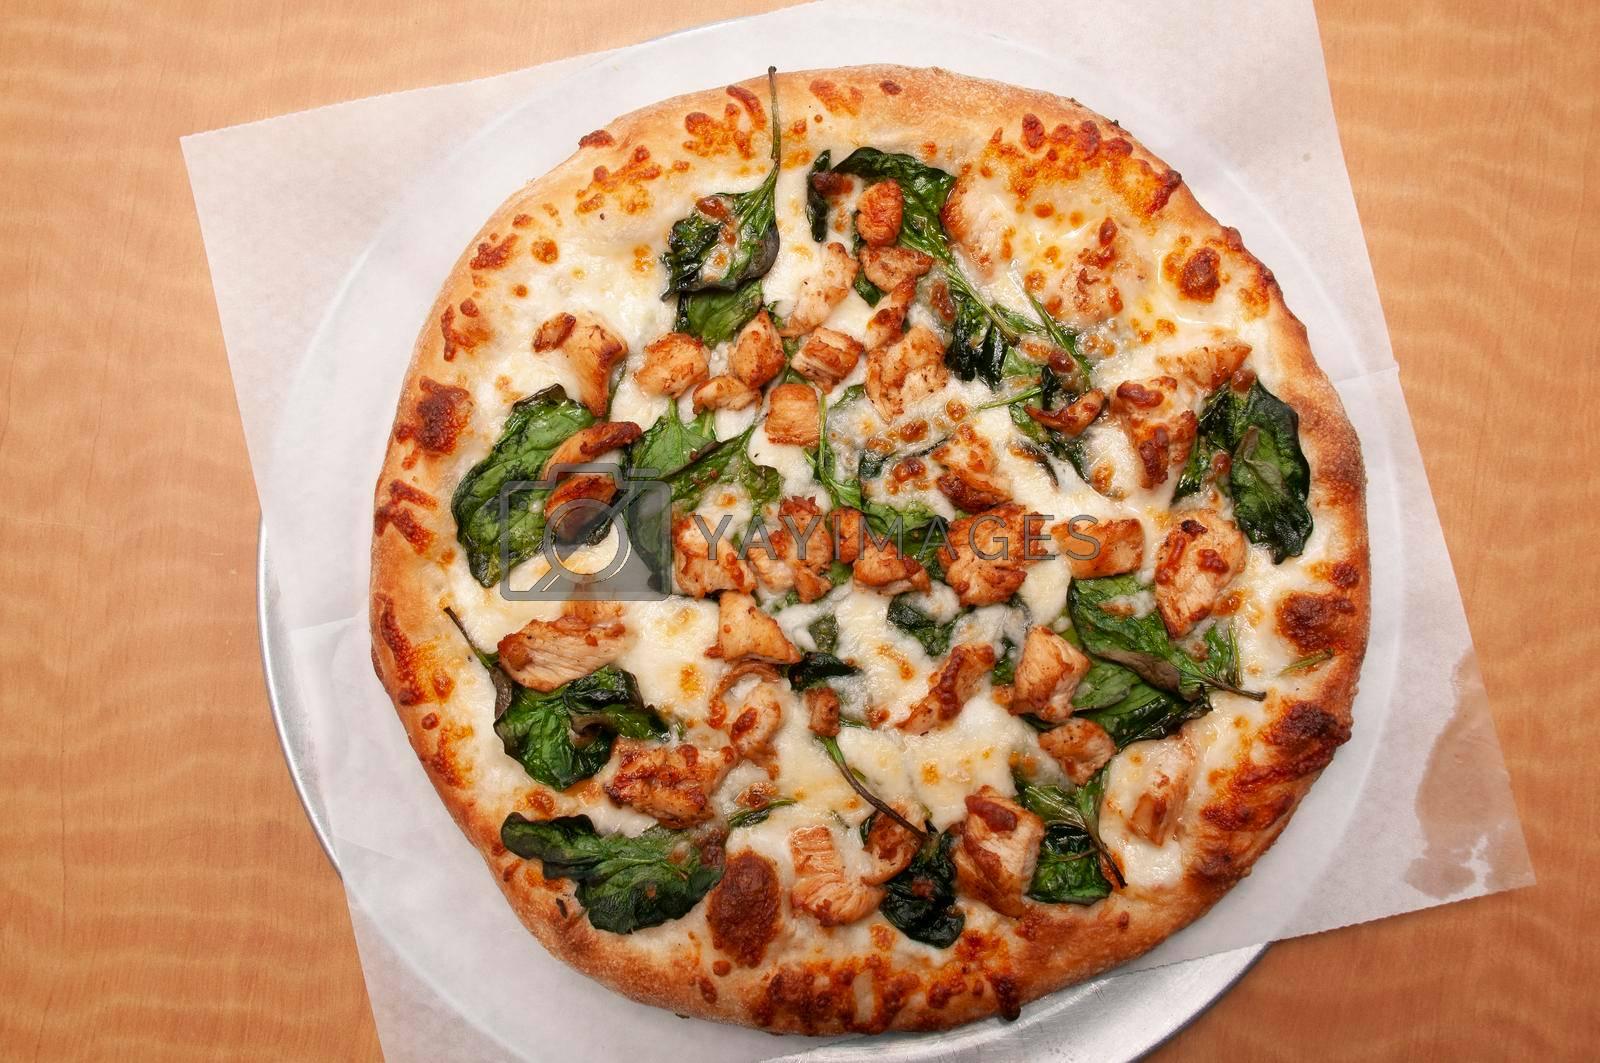 Delicious Italian cuisine known as chicken alfredo pizza